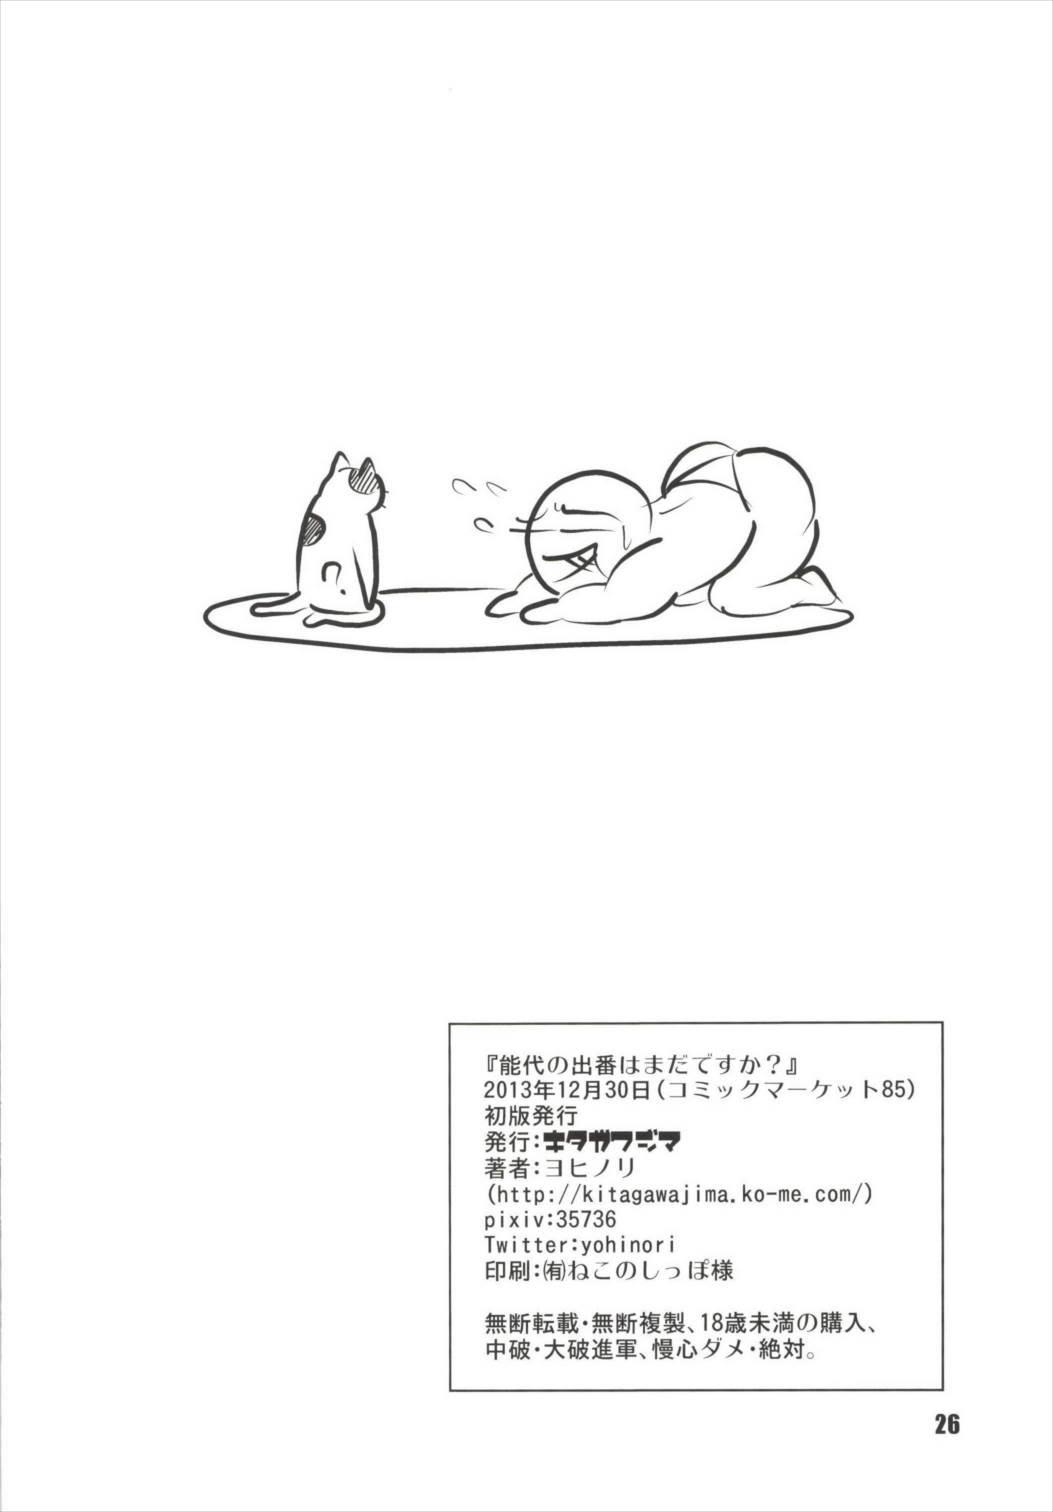 Noshiro no Deban wa Mada desu ka? 25